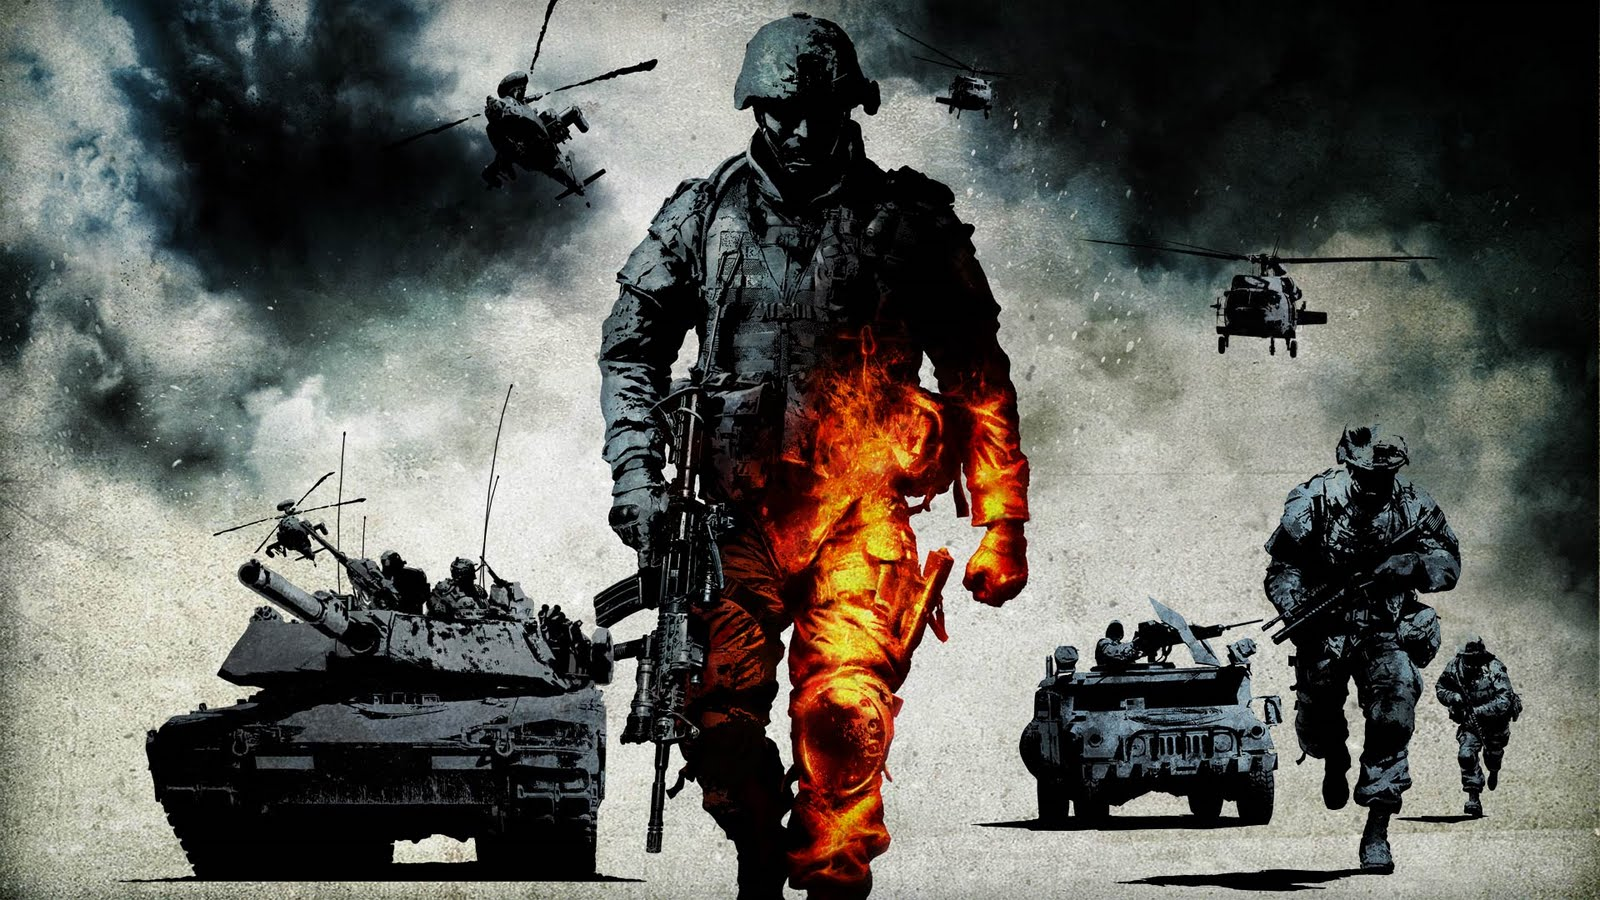 http://4.bp.blogspot.com/-oOltLvmTFRc/TbSDS41JJyI/AAAAAAAAAto/FjQfkIkoglY/s1600/Battlefield+Bad+Company+2+HD+wallpaper2.jpg